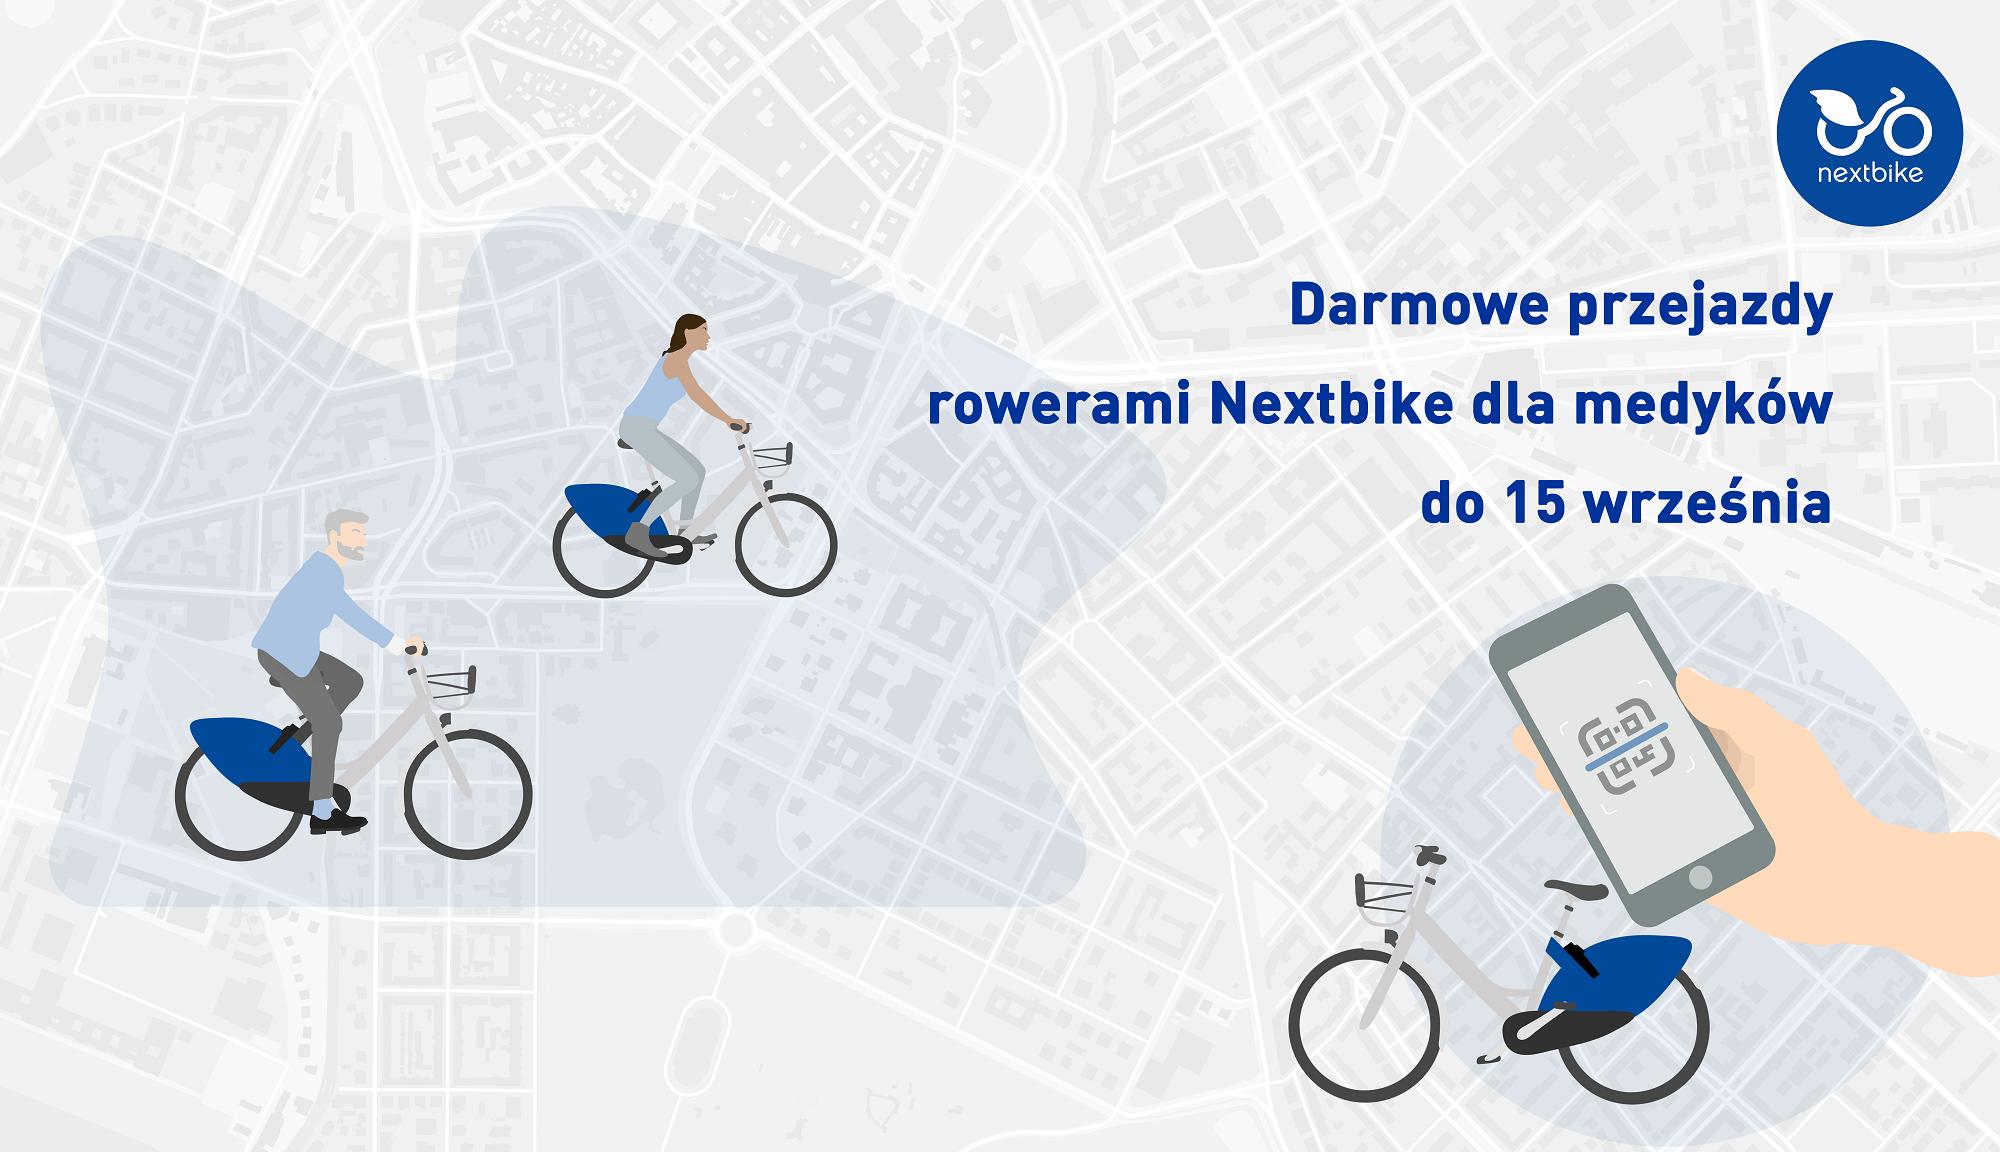 Darmowe przejazdy rowerami Nextbike dla medyków do połowy września!